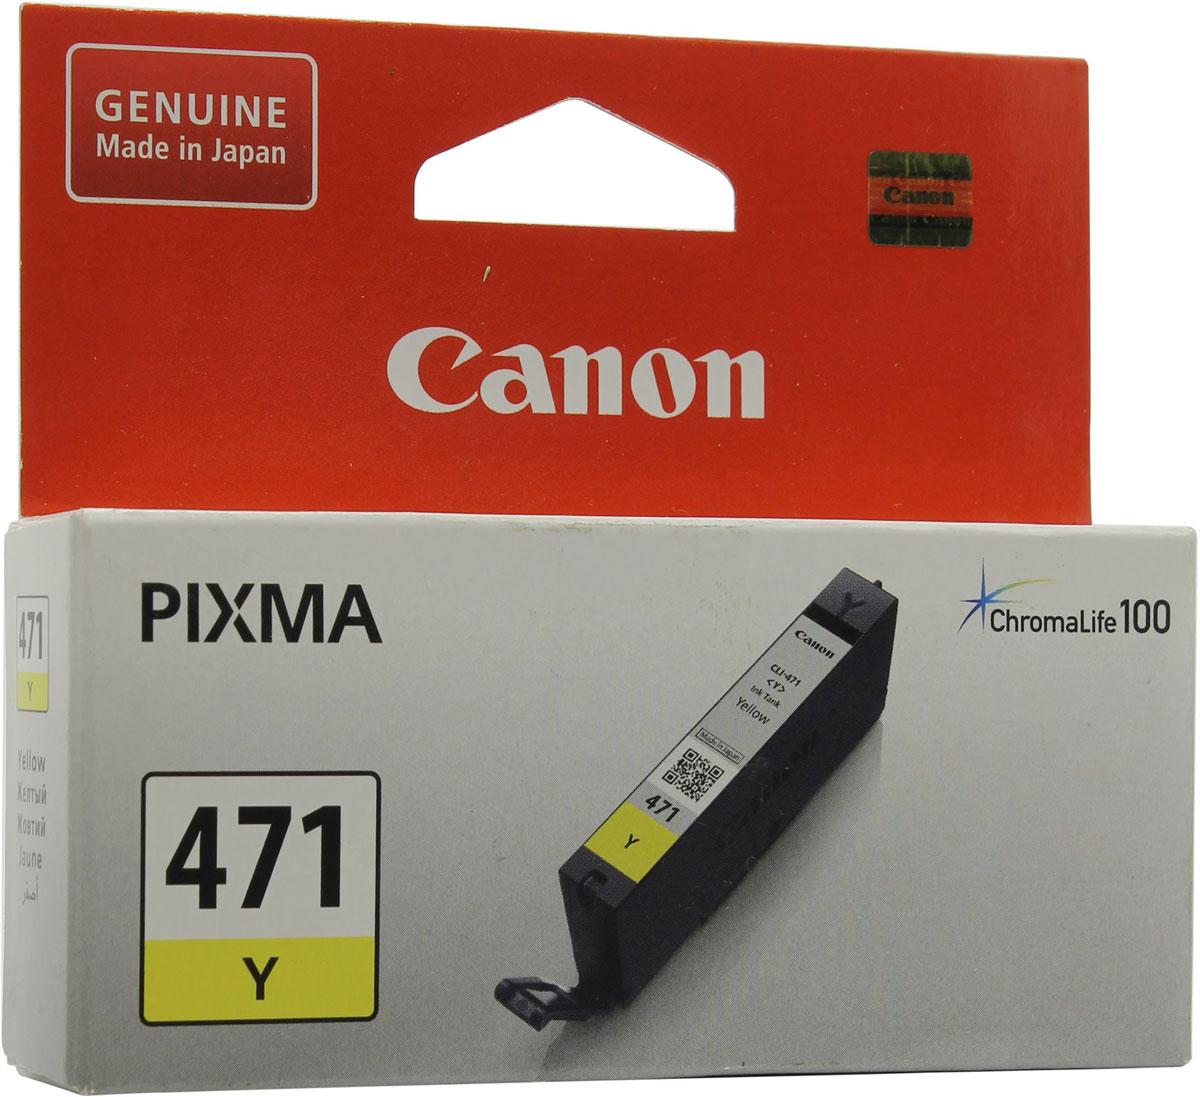 Canon CLI-471, Yellow картридж для Pixma MG5740/6840/77400403C001Картридж Canon CLI-471 содержит желтые чернила на основе красителей, которые используются для печати документов на обычной бумаге и обеспечивают четкость текста и долговечность печатных изображений. Благодаря технологии эффективного использования чернил, этот картридж будет долго работать в вашем принтере.